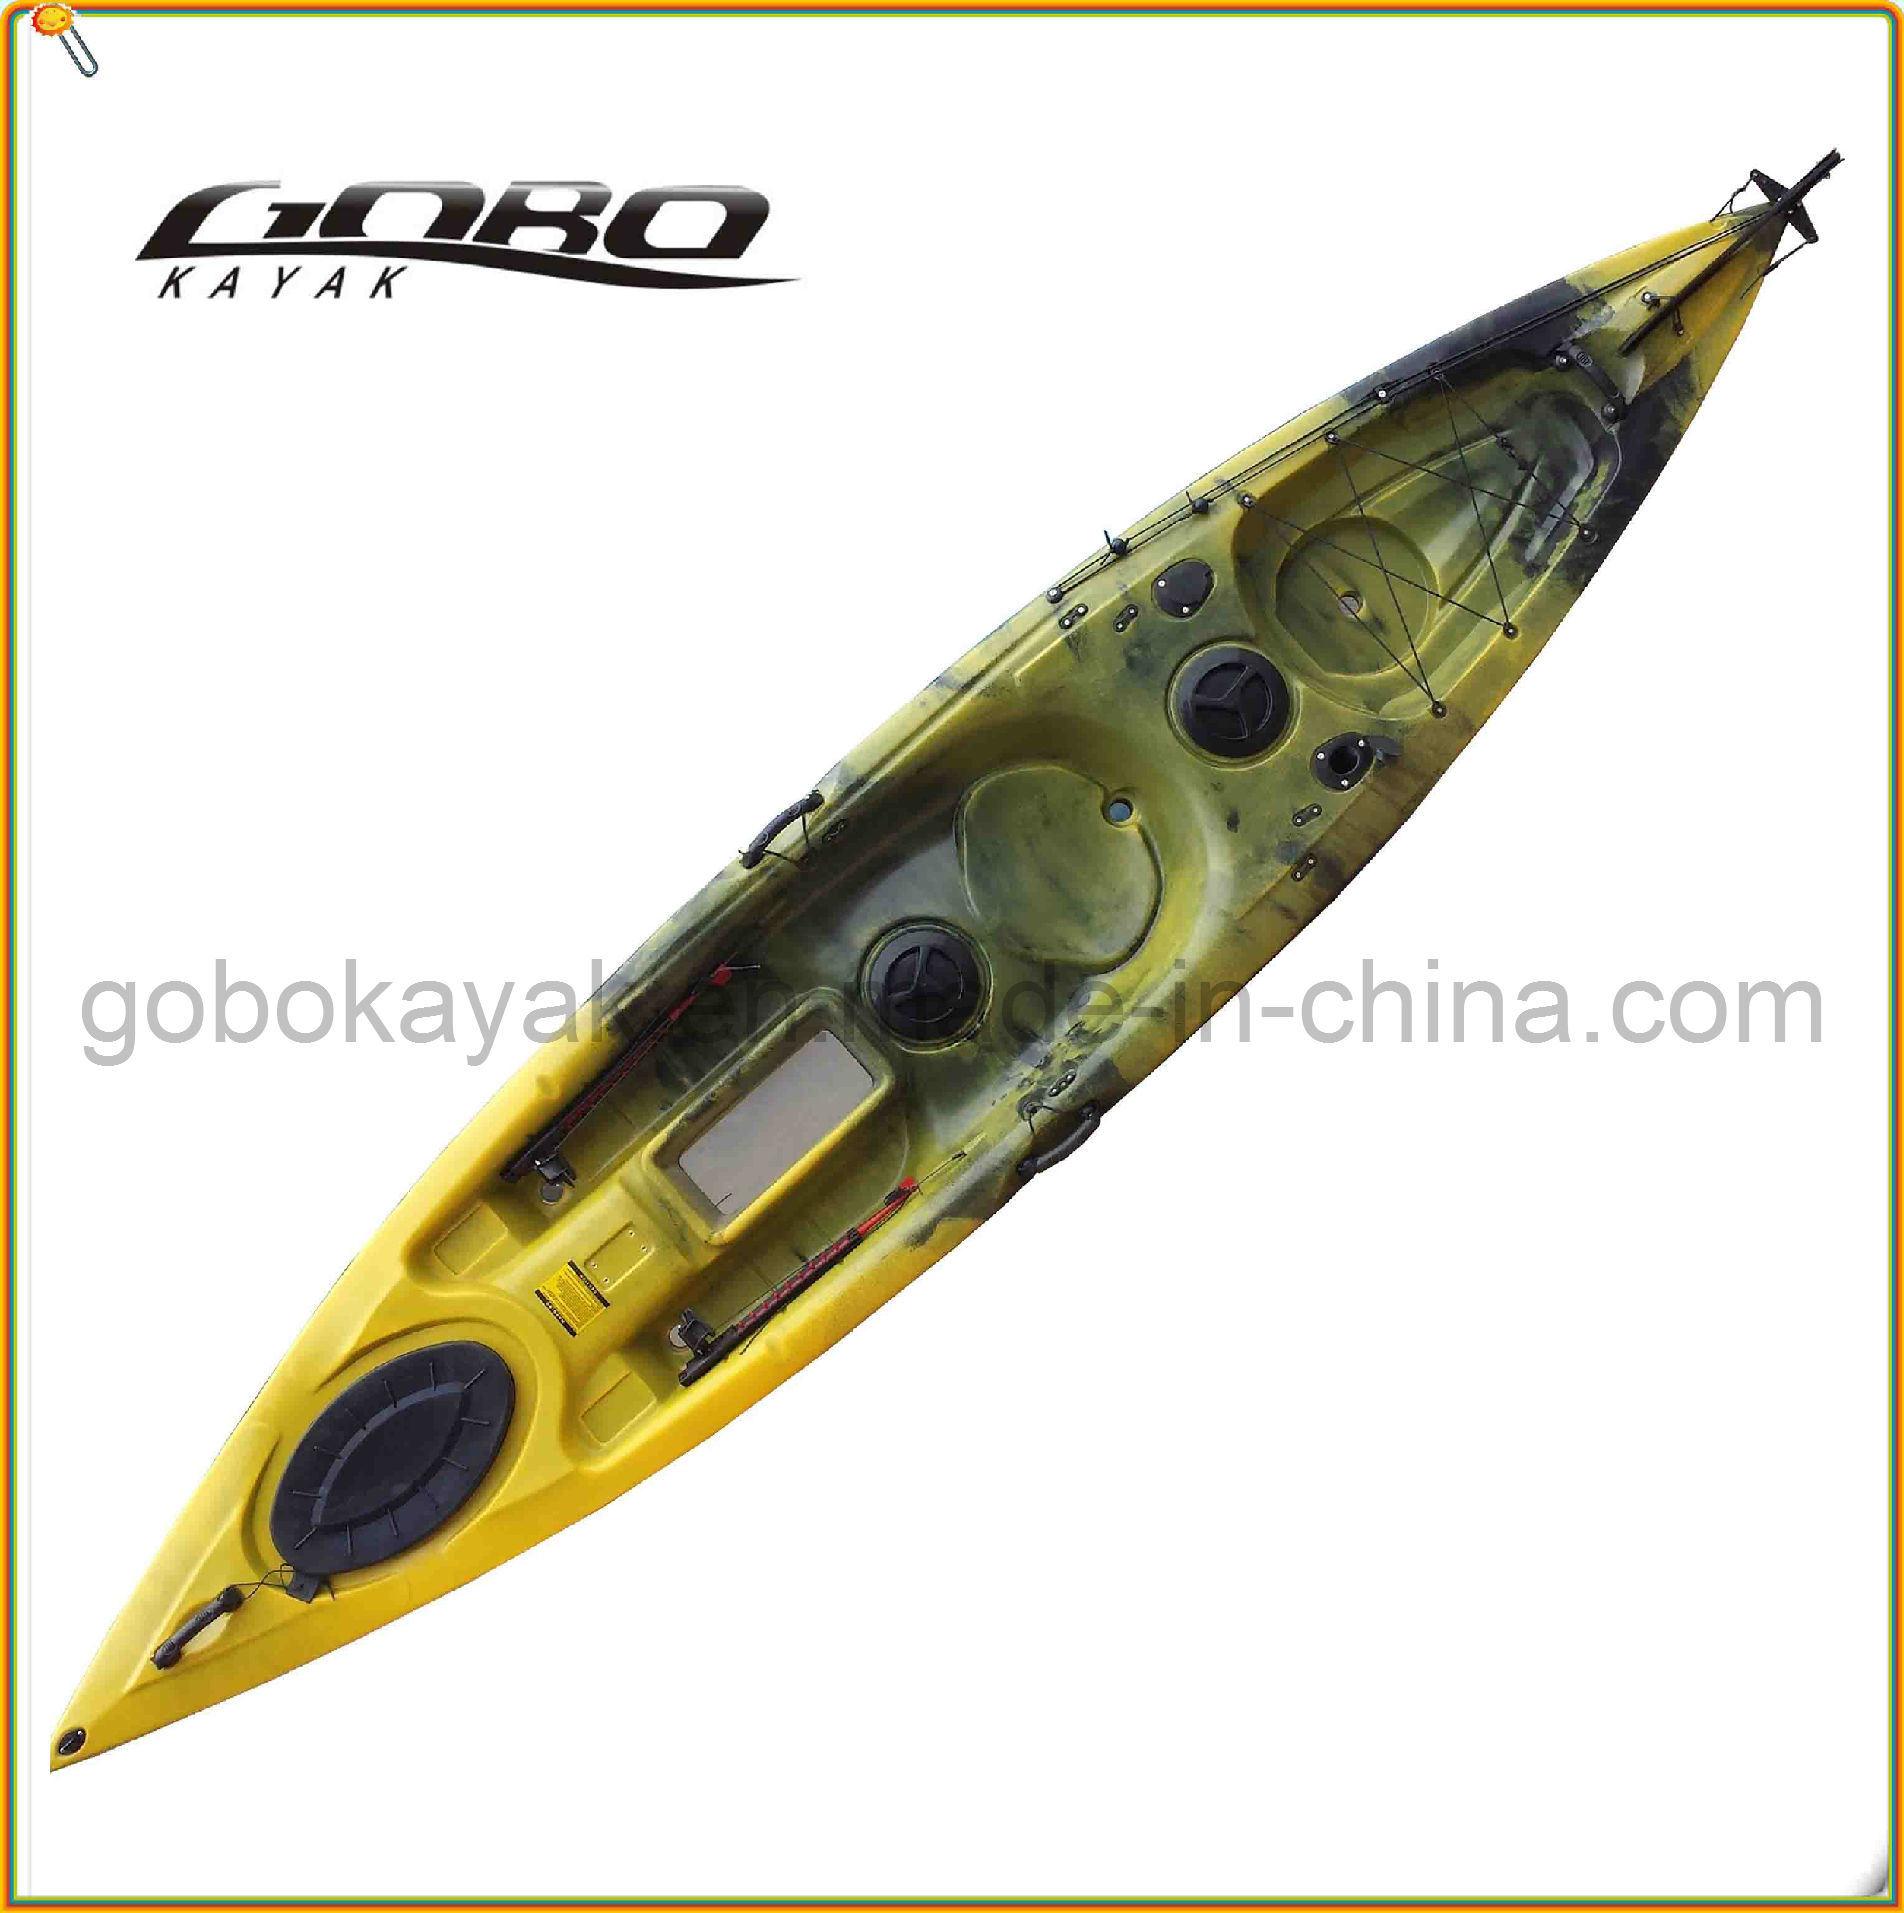 Polyethylene Single Fishing Kayak with Paddle &Pedal